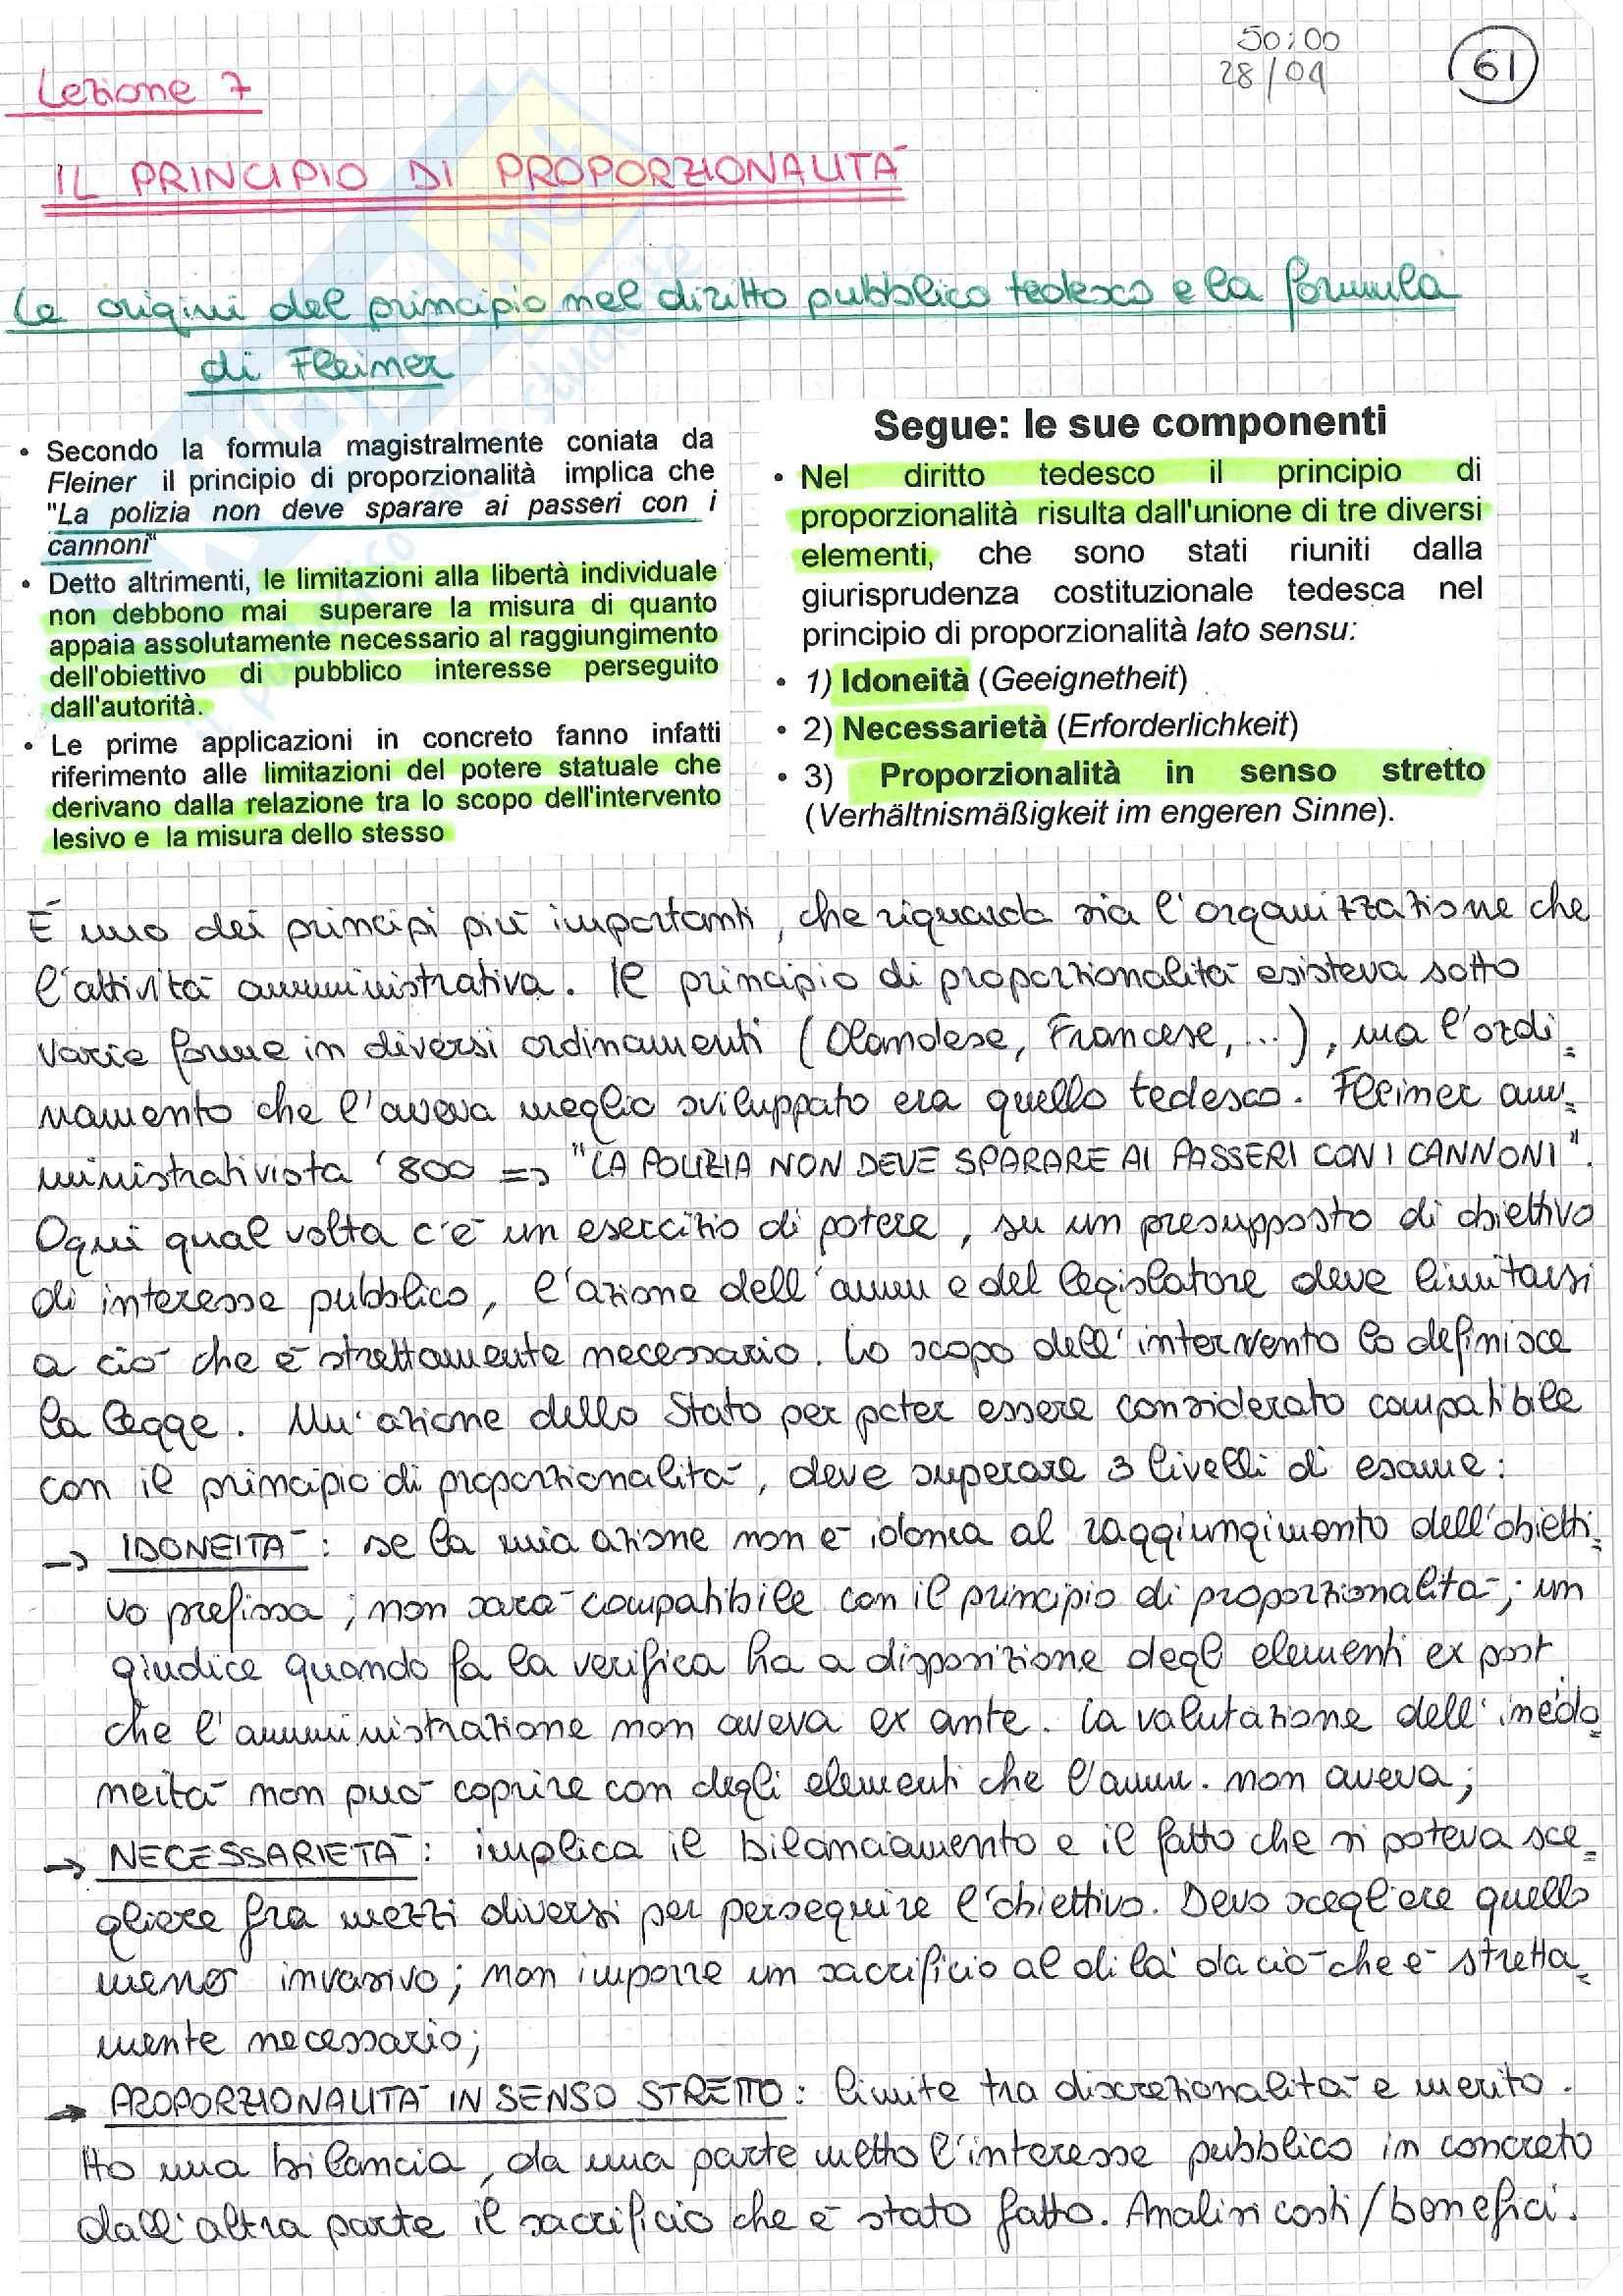 Diritto amministrativo europeo - principio di proporzionalità